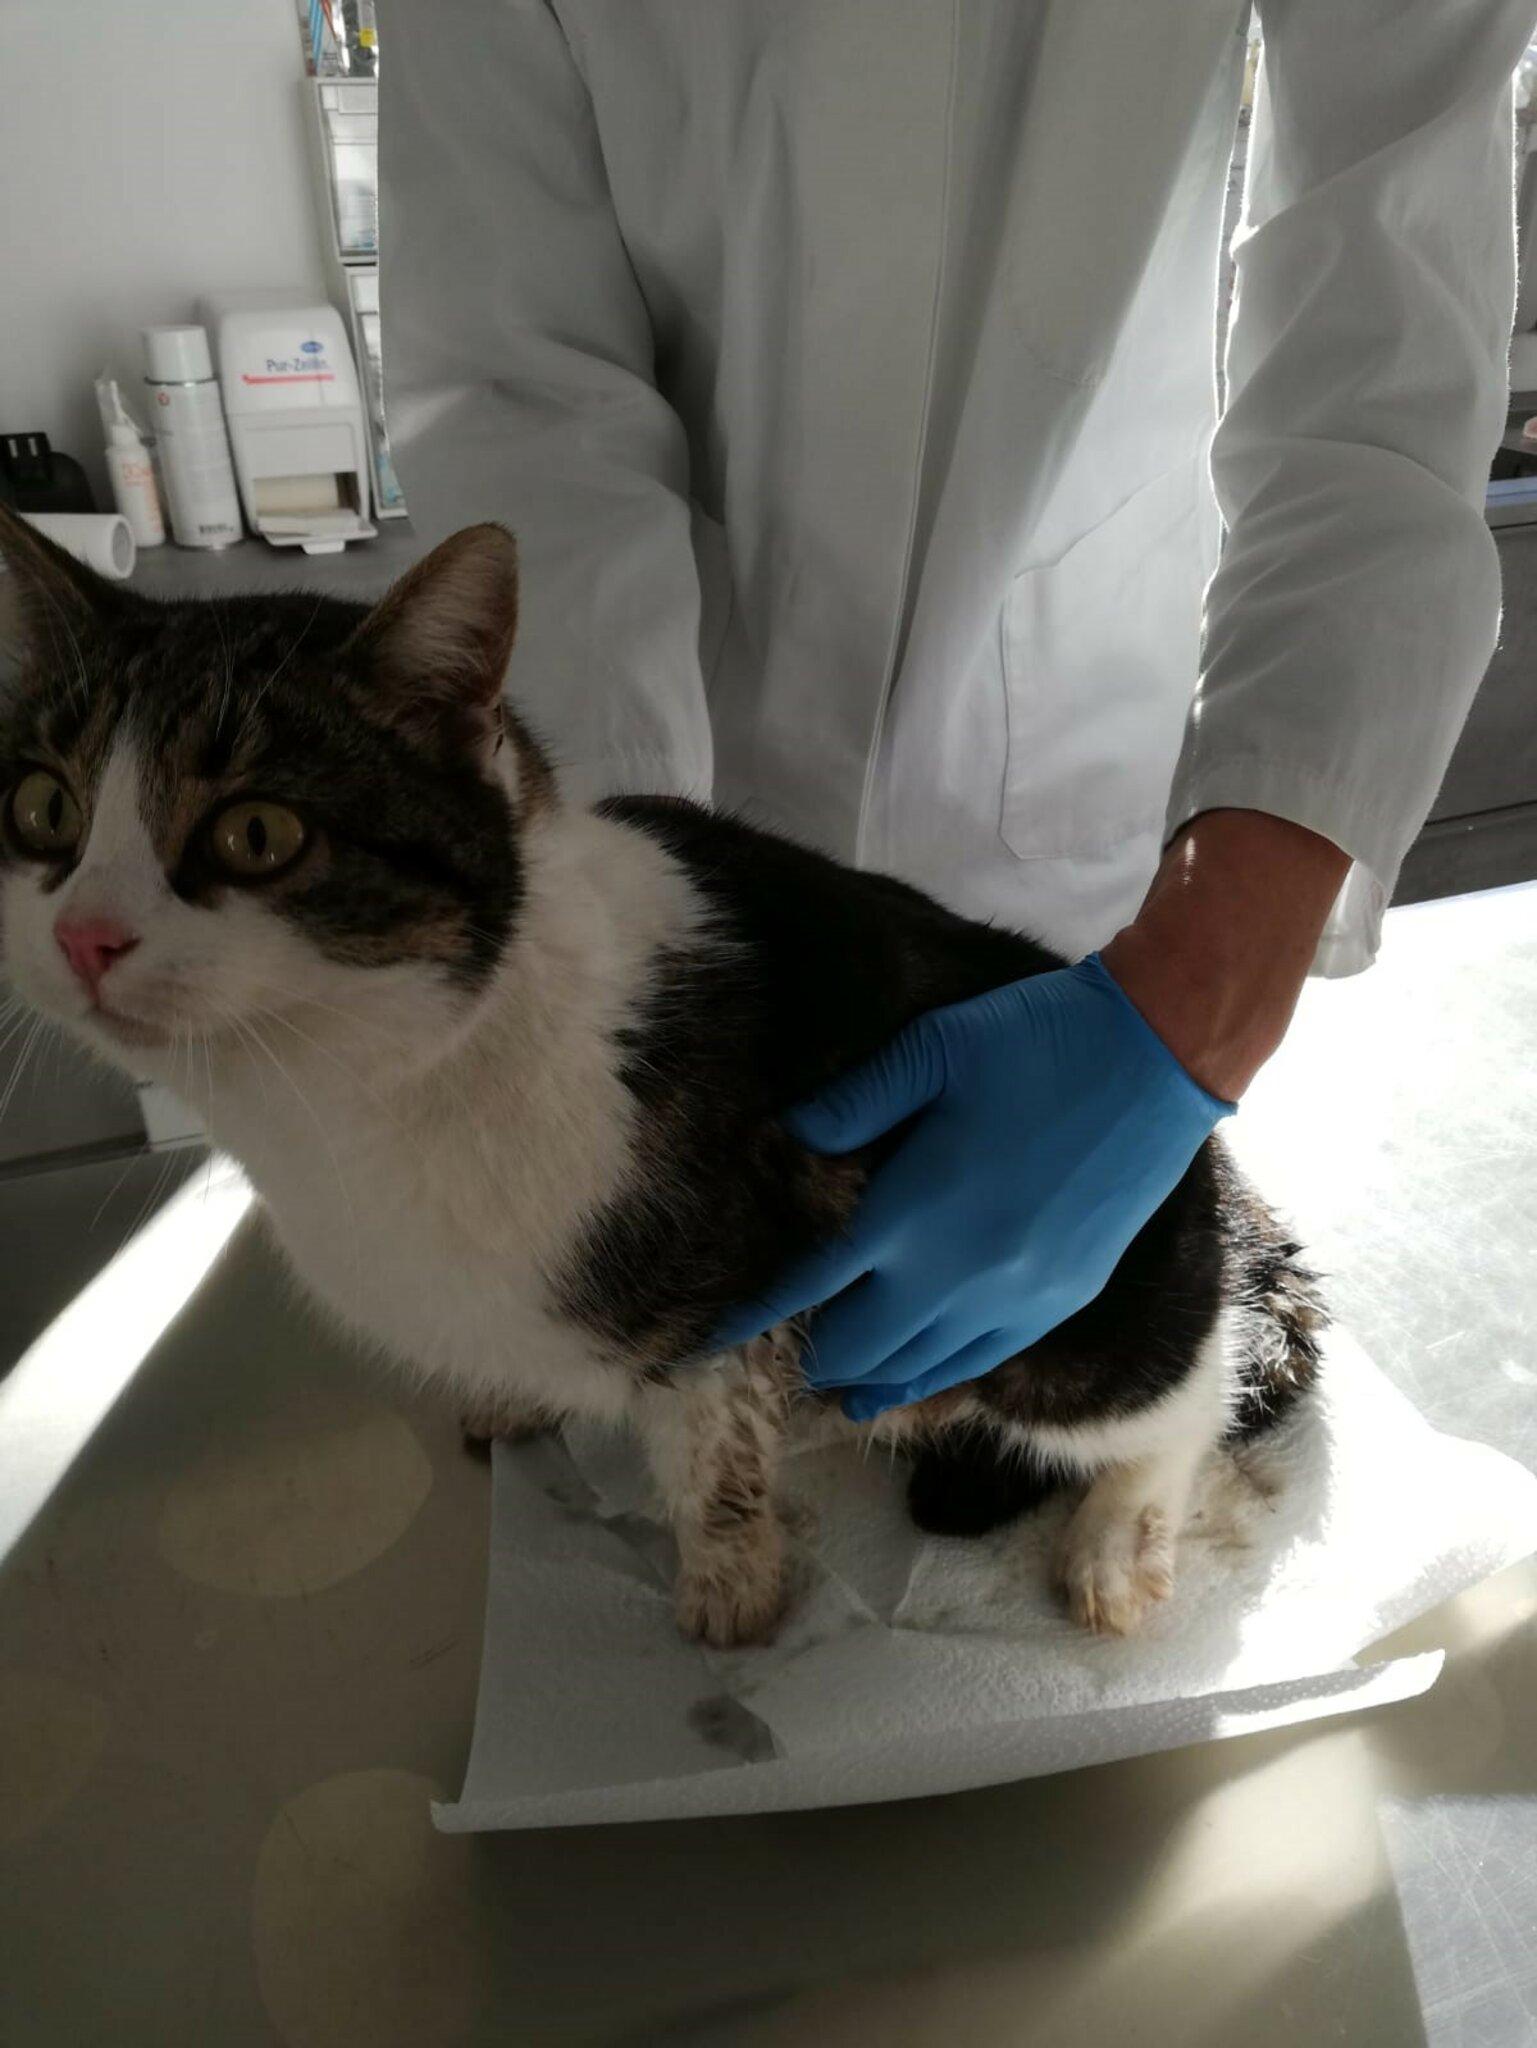 Angefahrene-Katze-ist-am-Leben-Rettungskette-gelungen